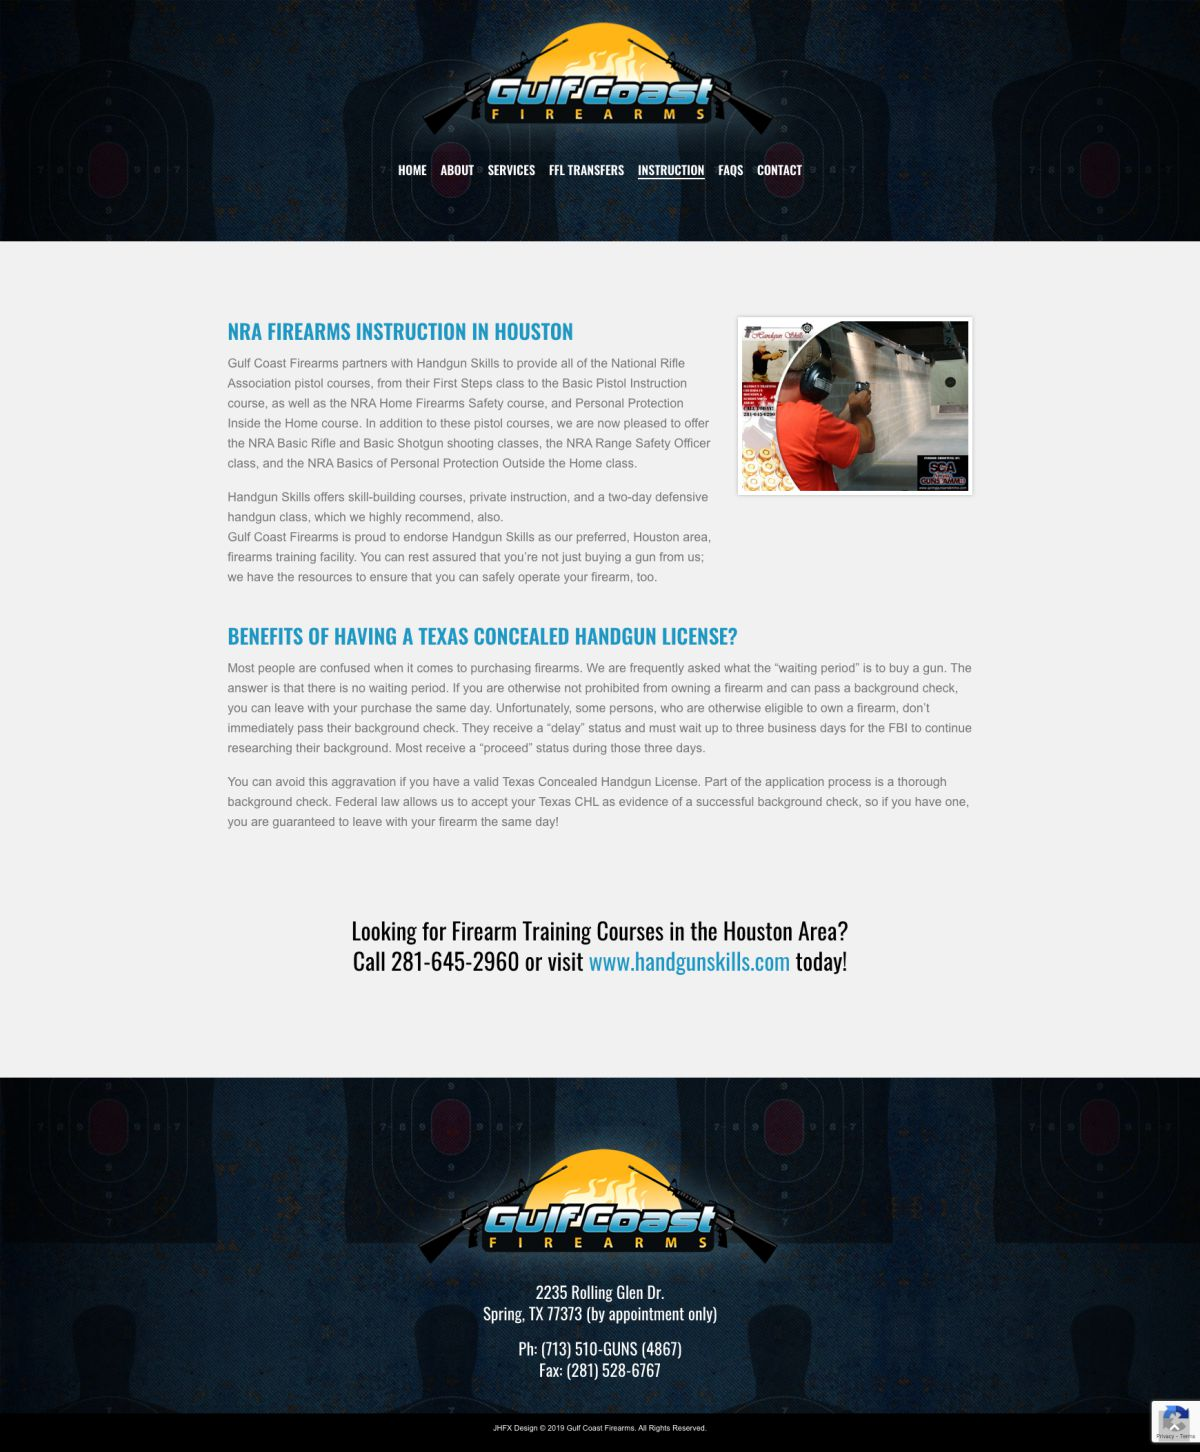 firearm-website-design-houston-4